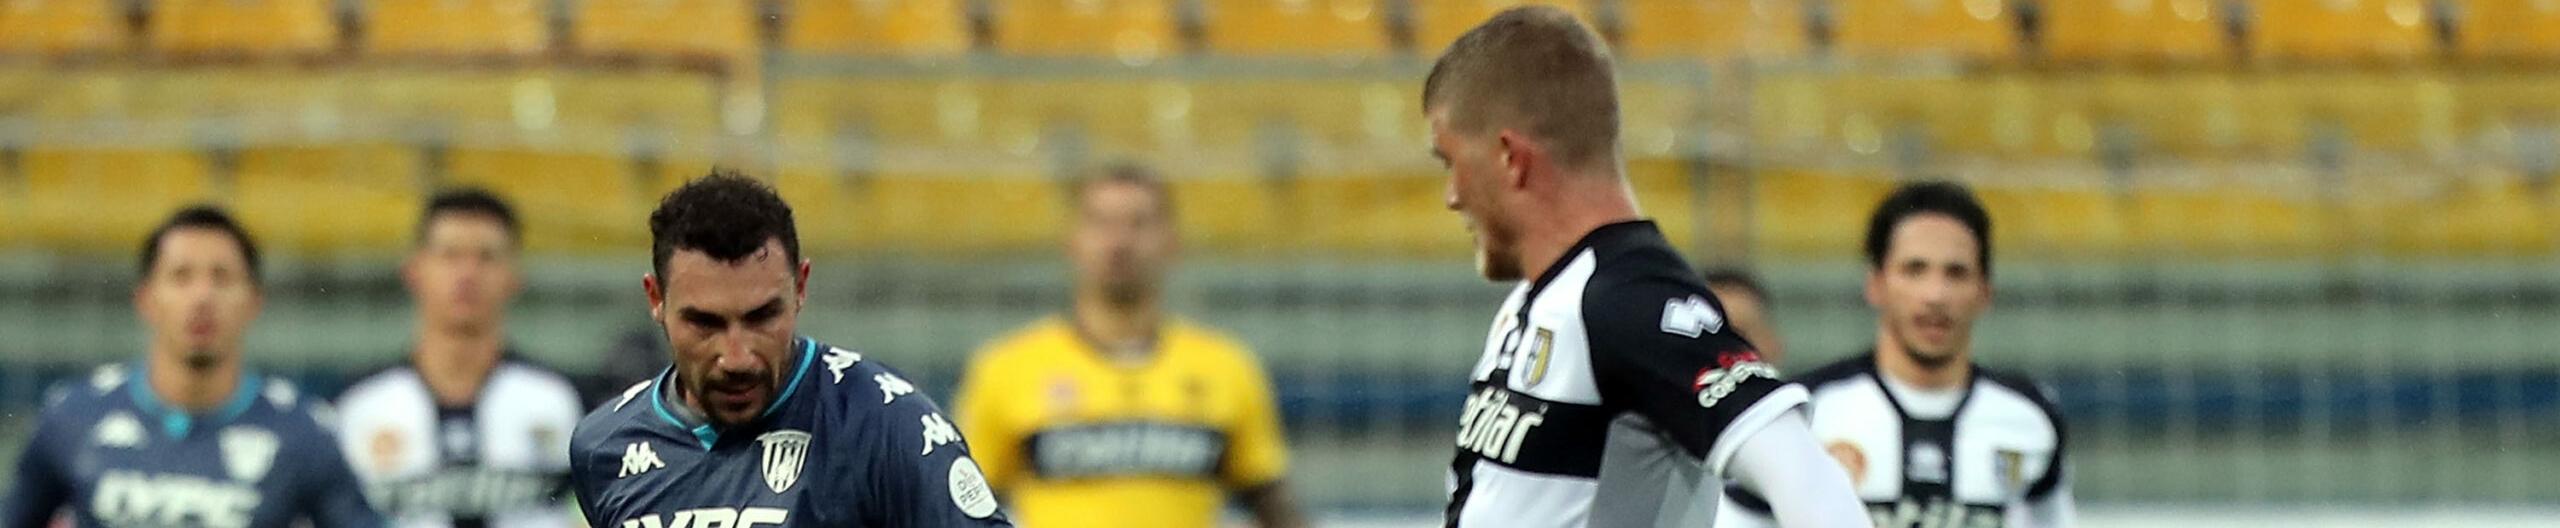 Benevento-Parma, il momento della verità